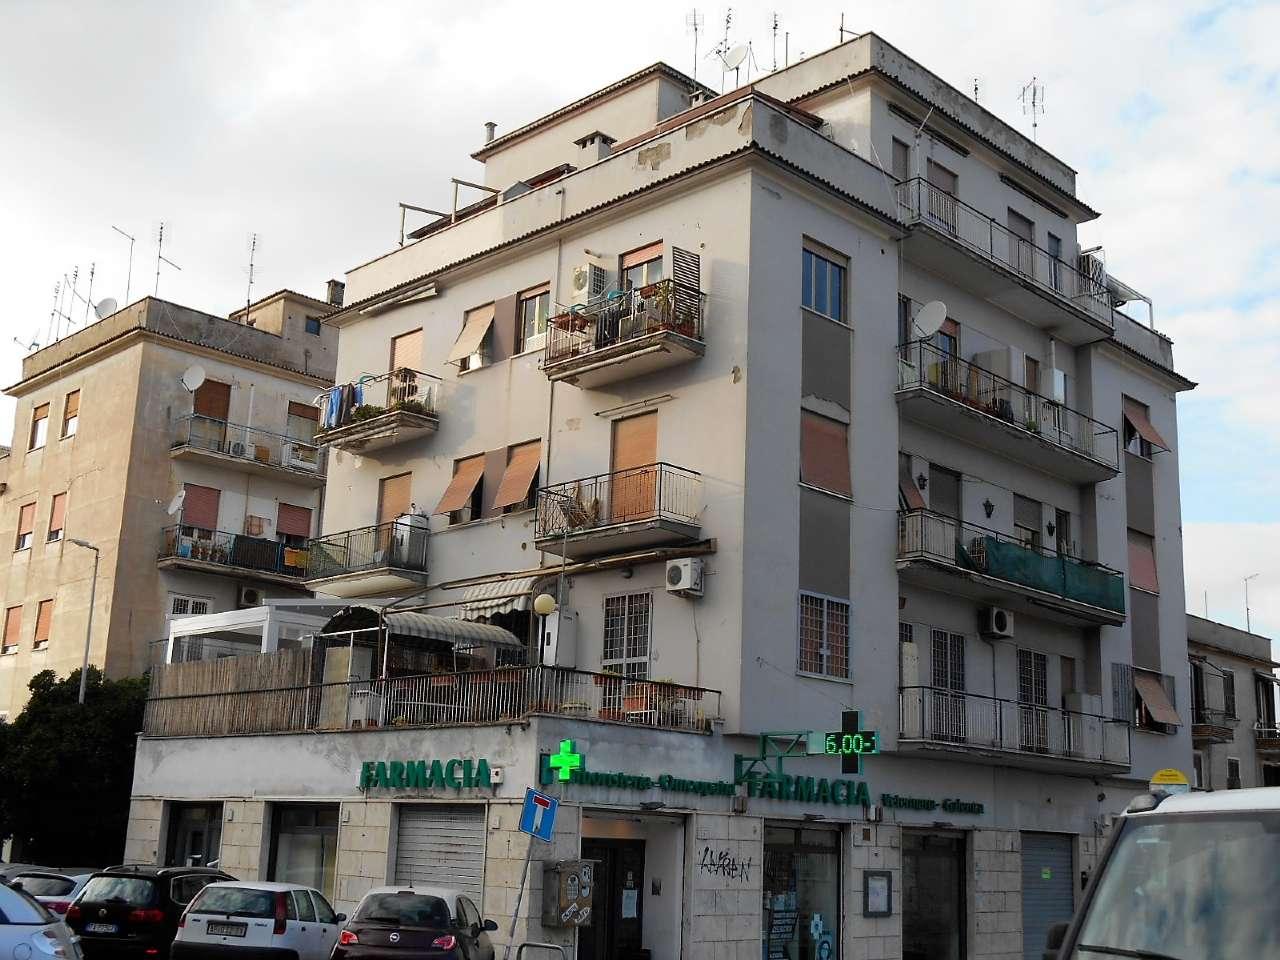 Appartamento in vendita a Roma, 3 locali, zona Zona: 11 . Centocelle, Alessandrino, Collatino, Prenestina, Villa Giordani, prezzo € 129.000 | CambioCasa.it